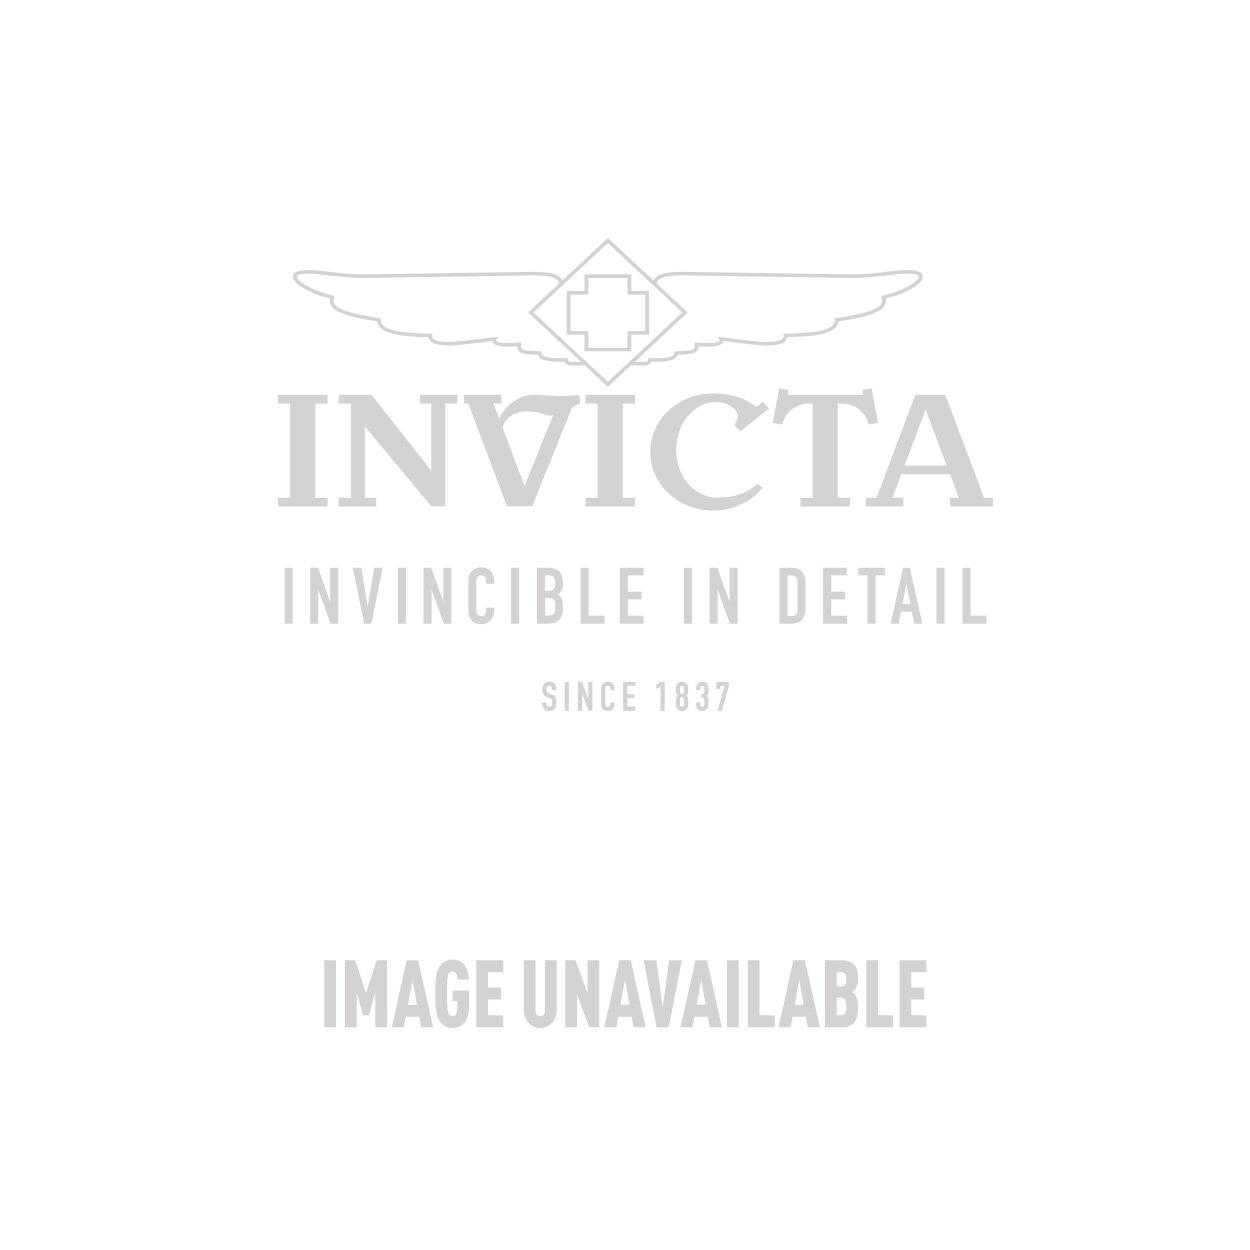 Invicta Model 25527